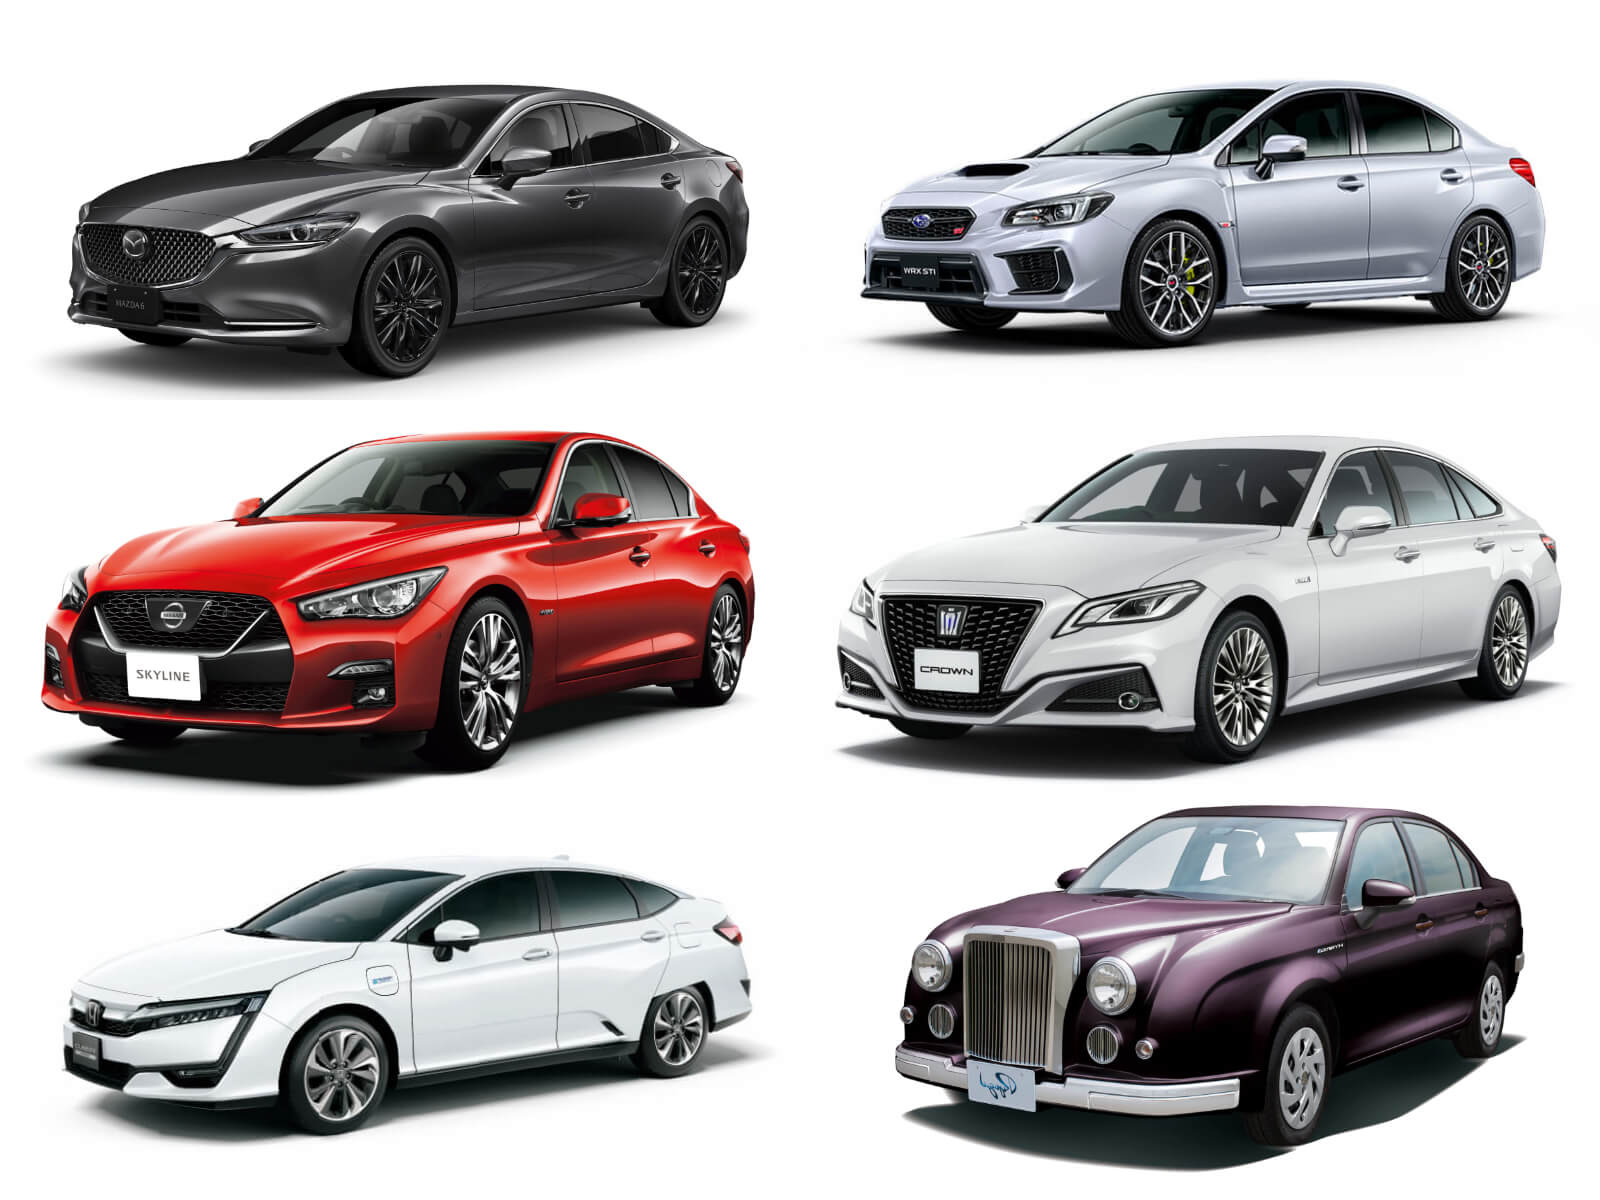 新車で買える国産セダン一覧【2019年最新情報】 | MOBY [モビー]